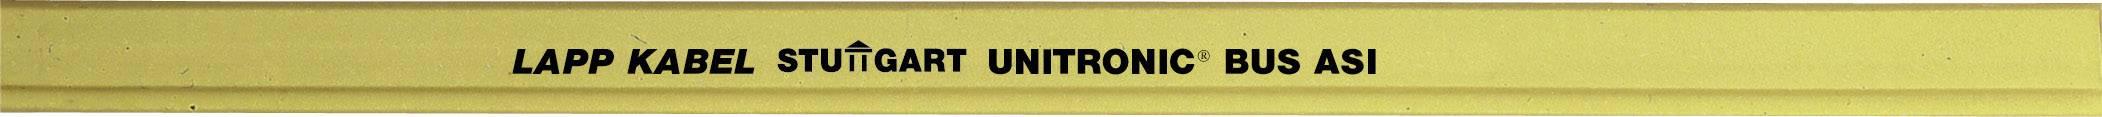 Sběrnicový kabel LAPP UNITRONIC® BUS 2170230, žlutá, 100 m